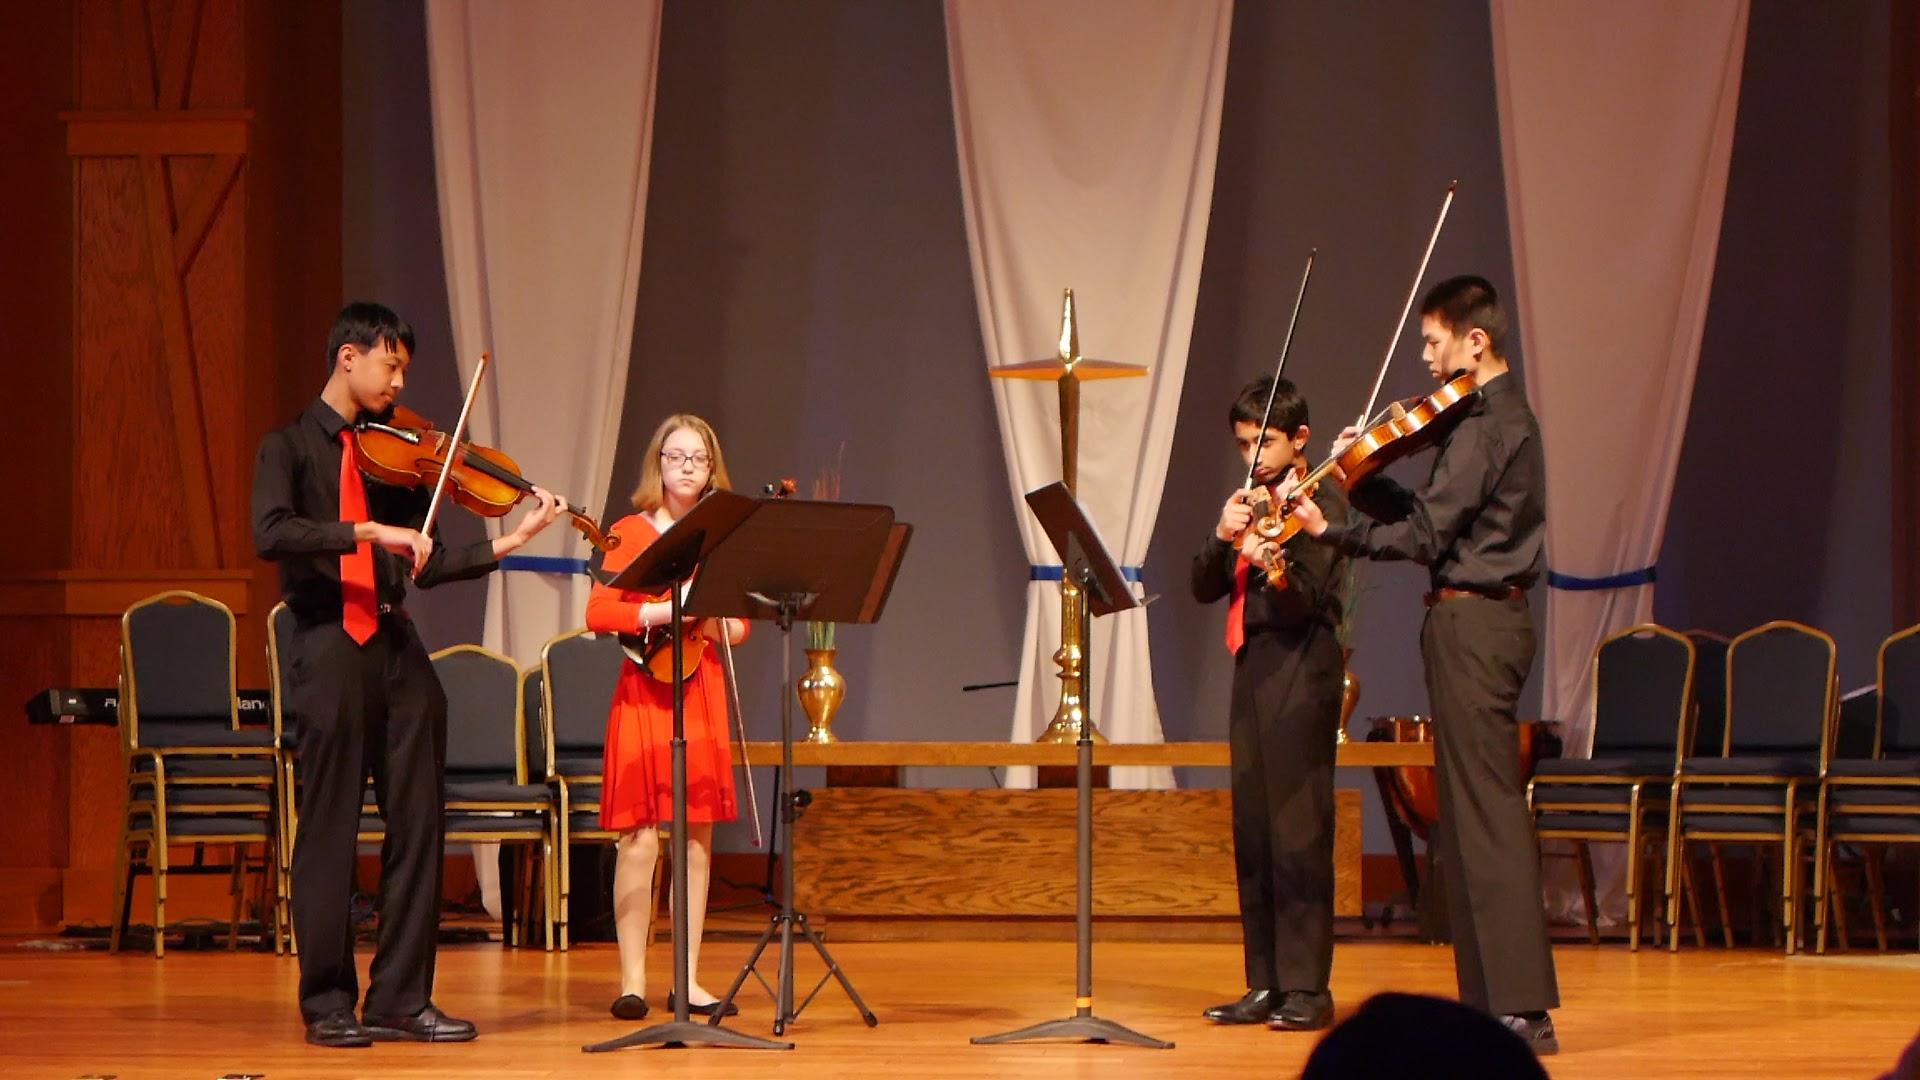 A viola quartet